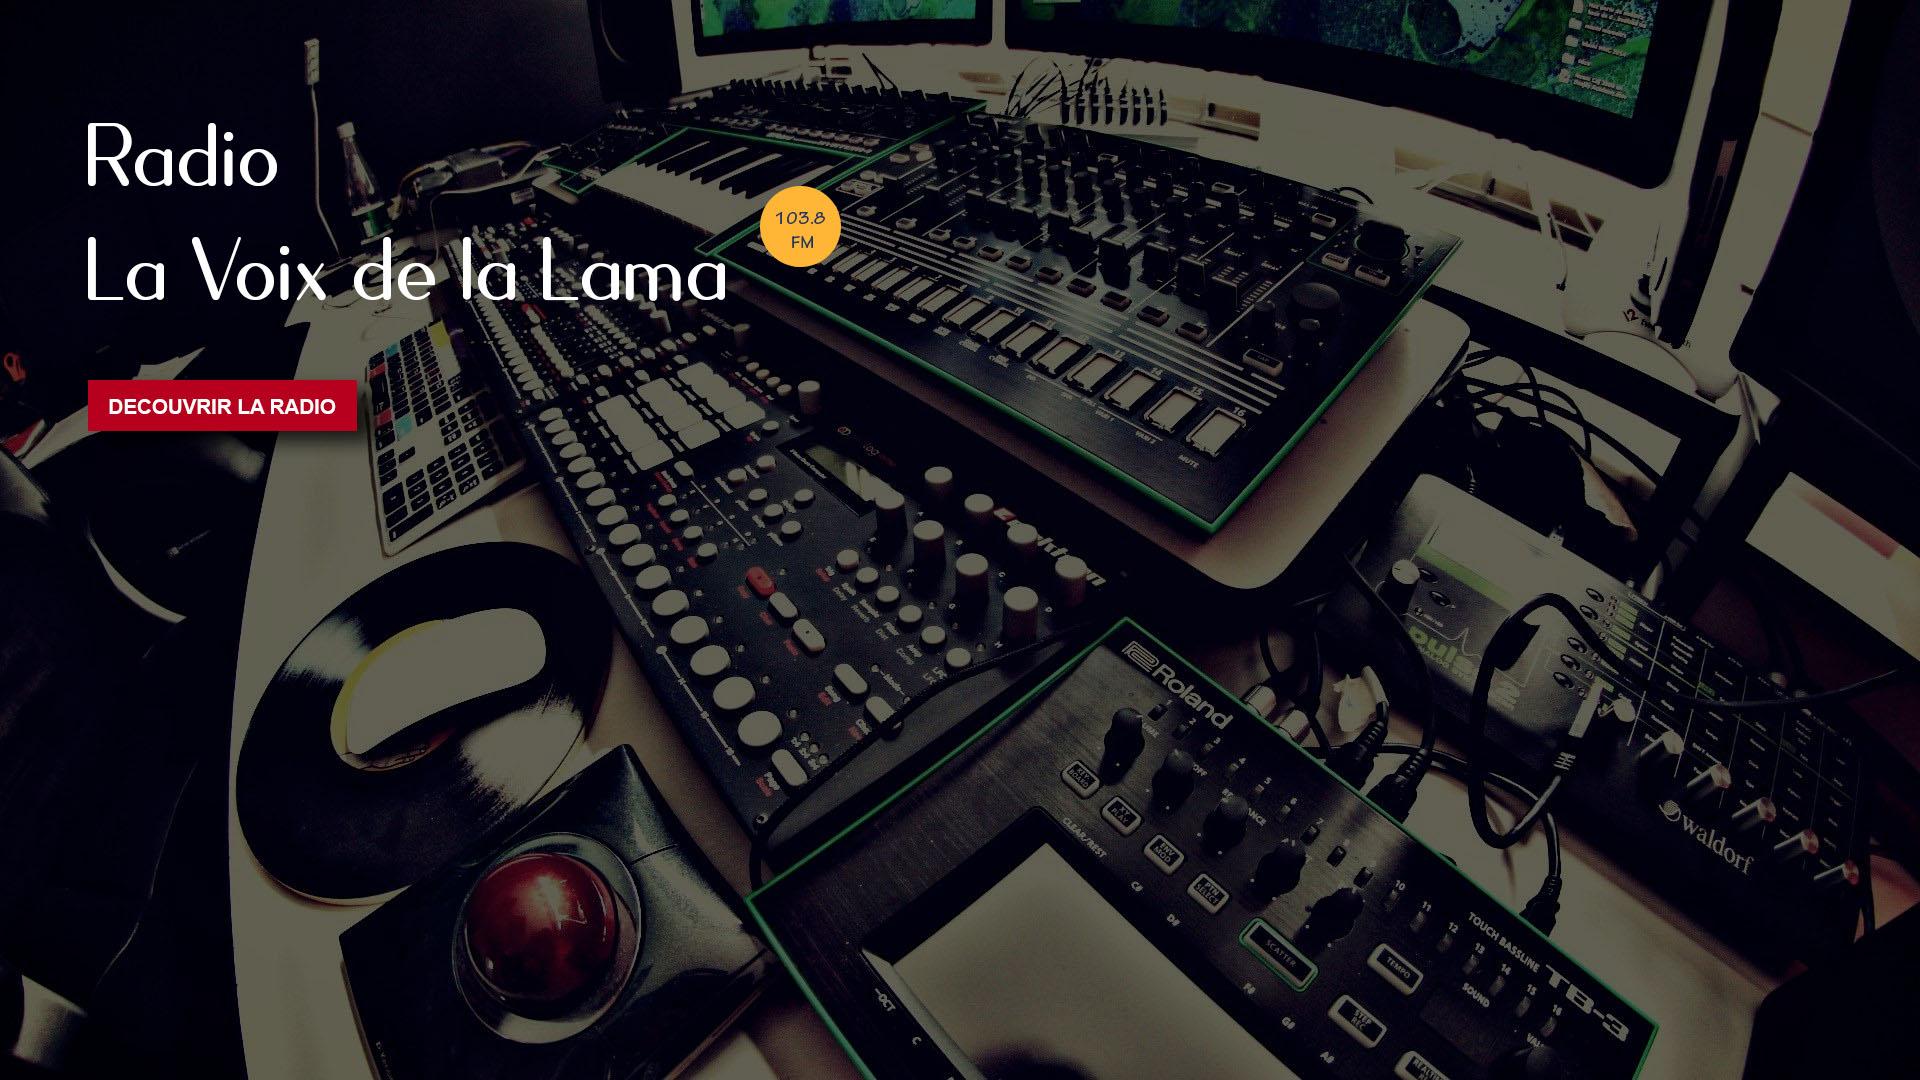 Bienvenue sur le portail de Radio La Voix de la Lama